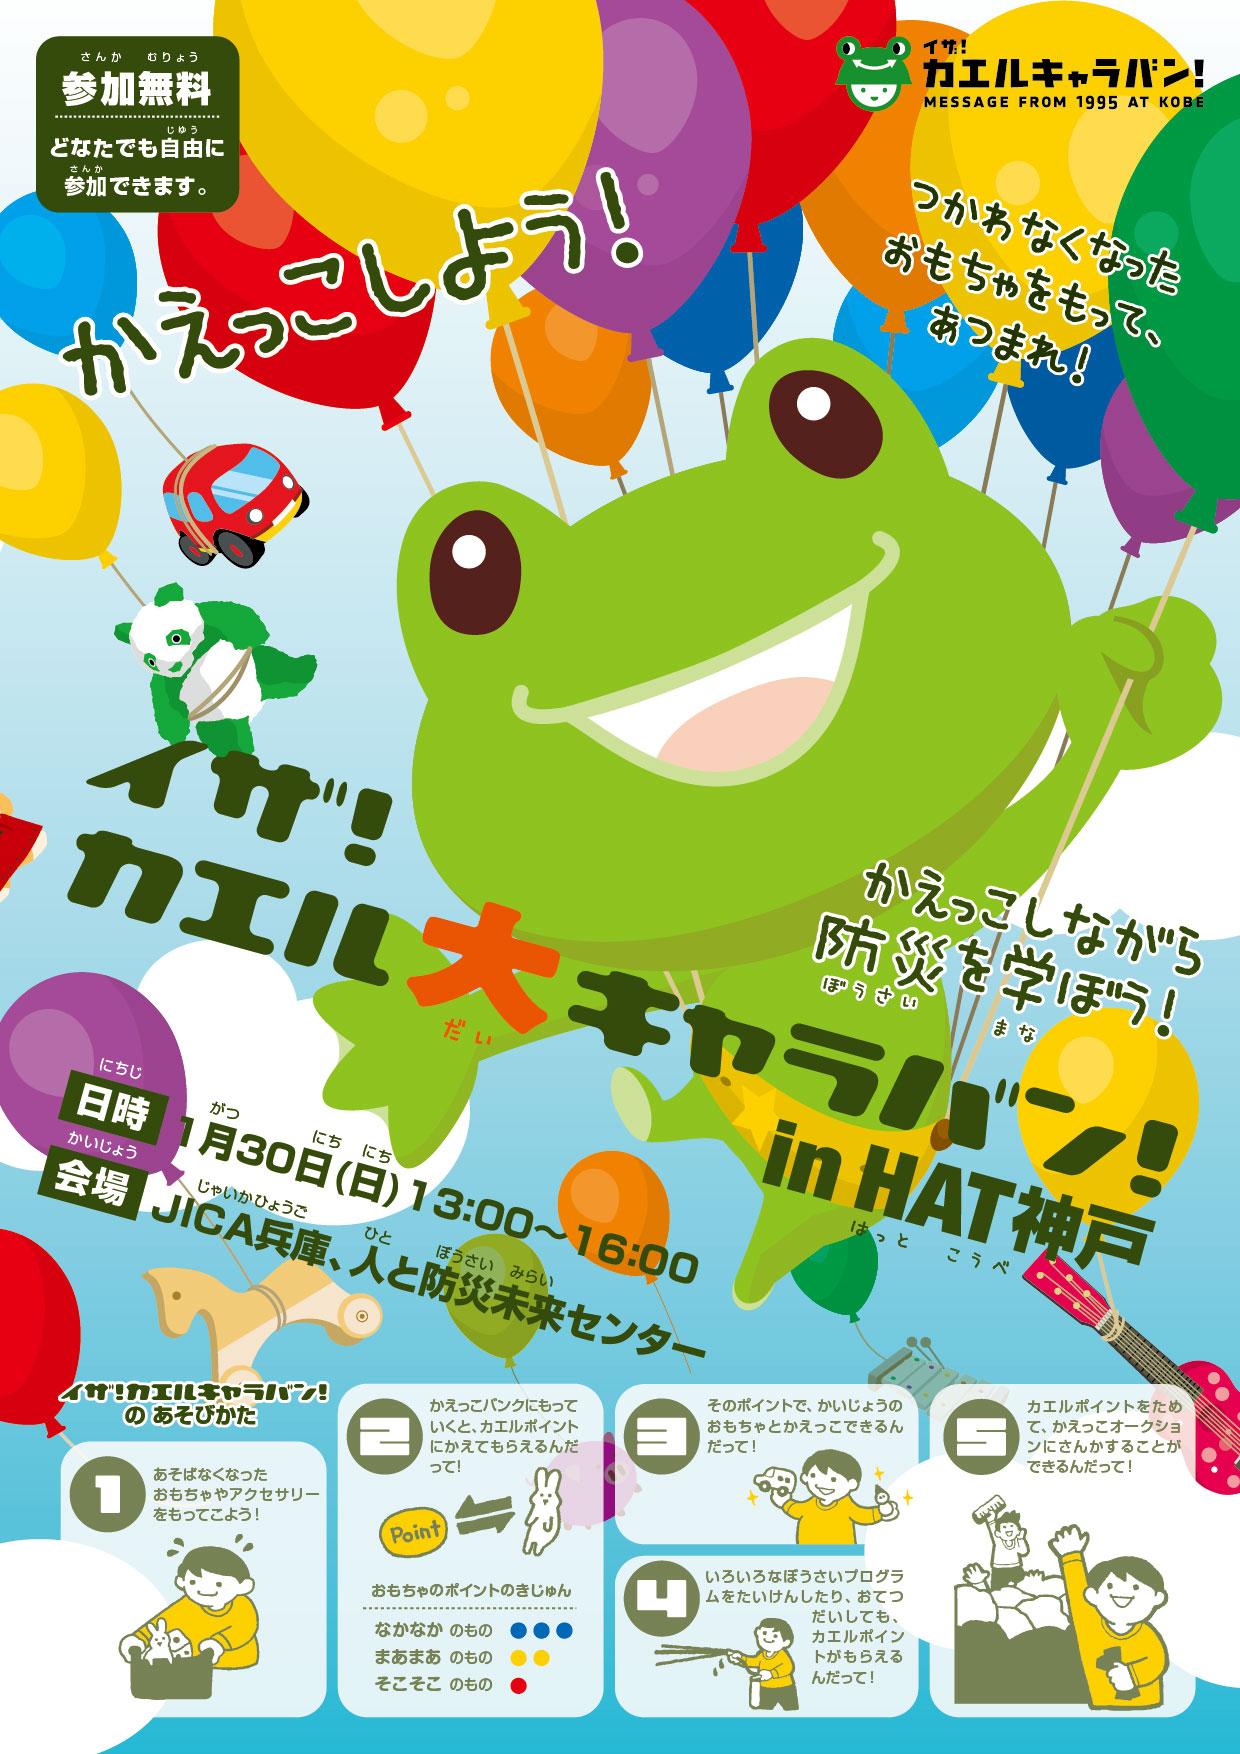 イザ!カエル大キャラバン!inHAT神戸 2011